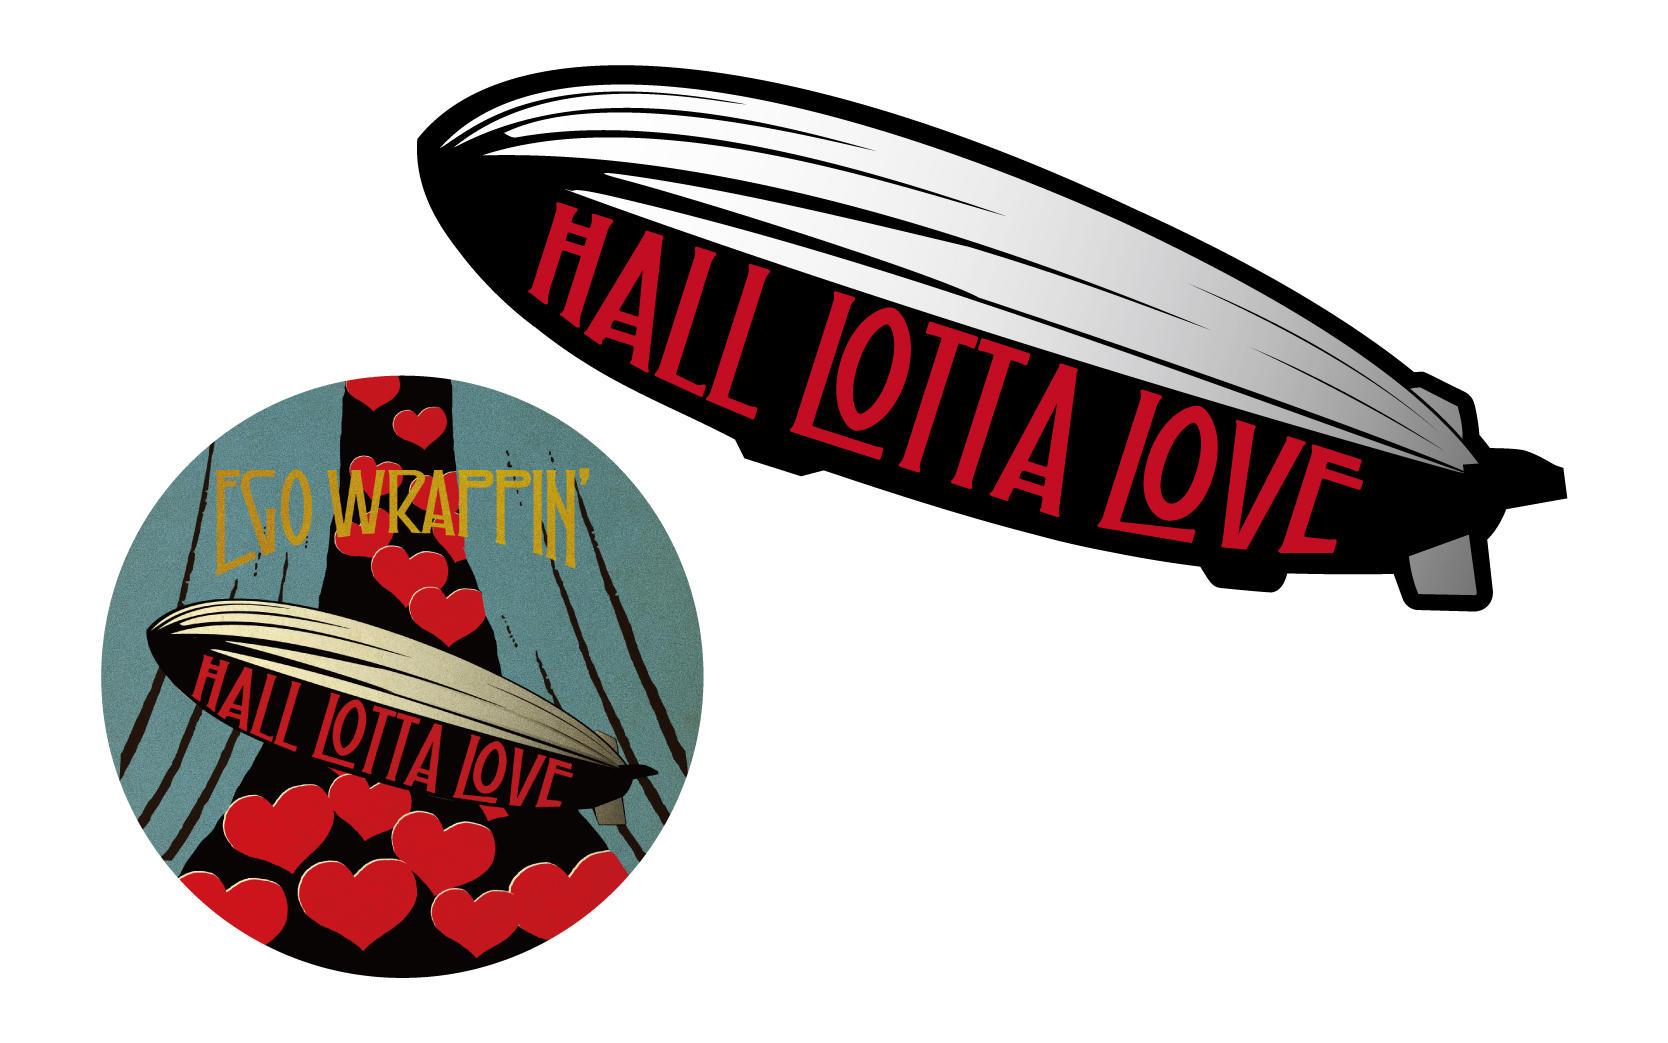 HALL LOTTA LOVE ステッカーセット -飛行船セット-